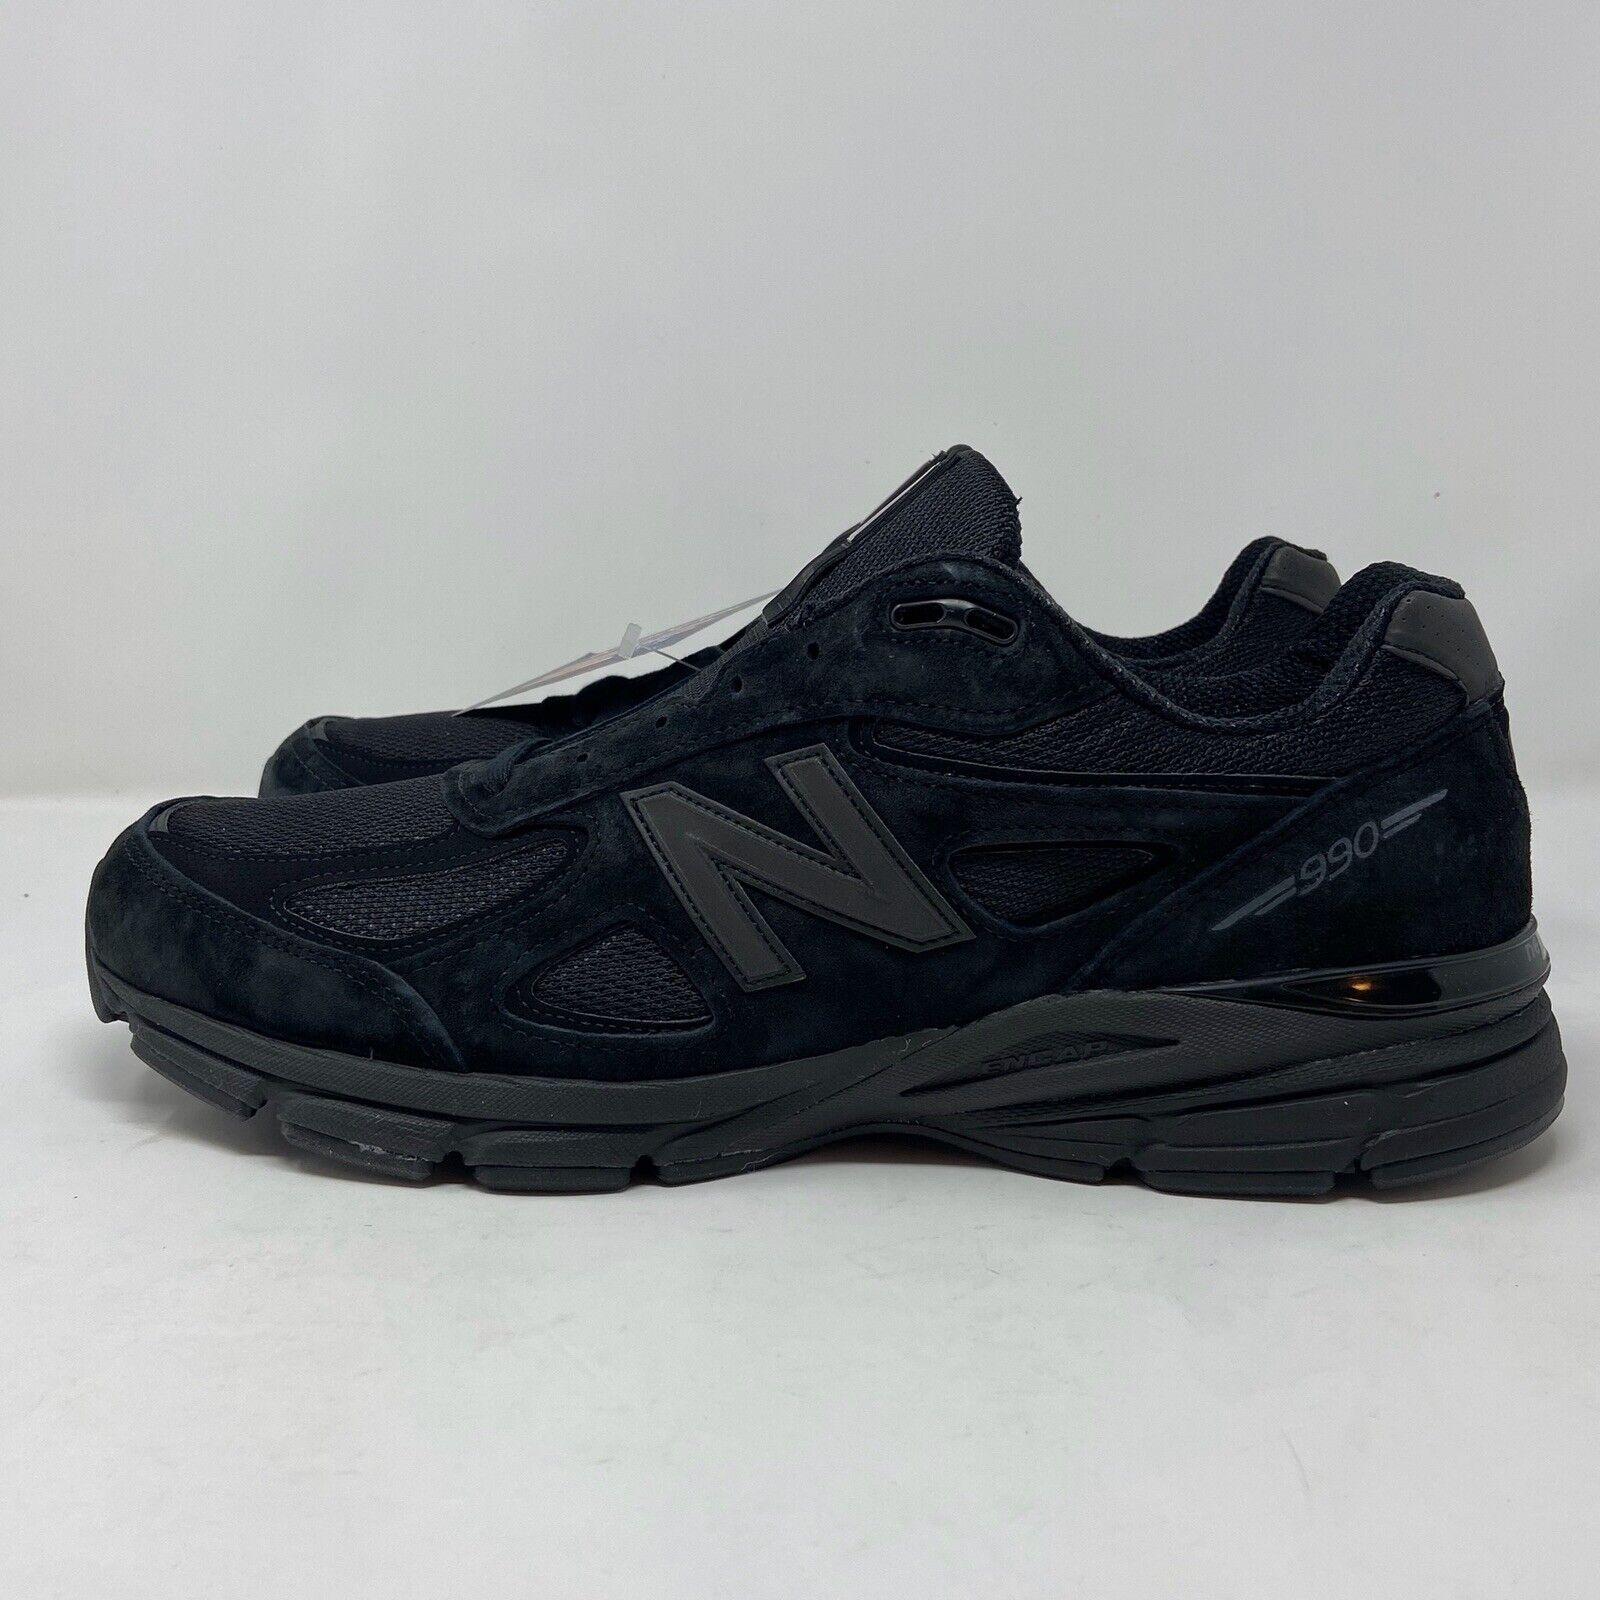 New Balance 990v4 Men's Running Shoes